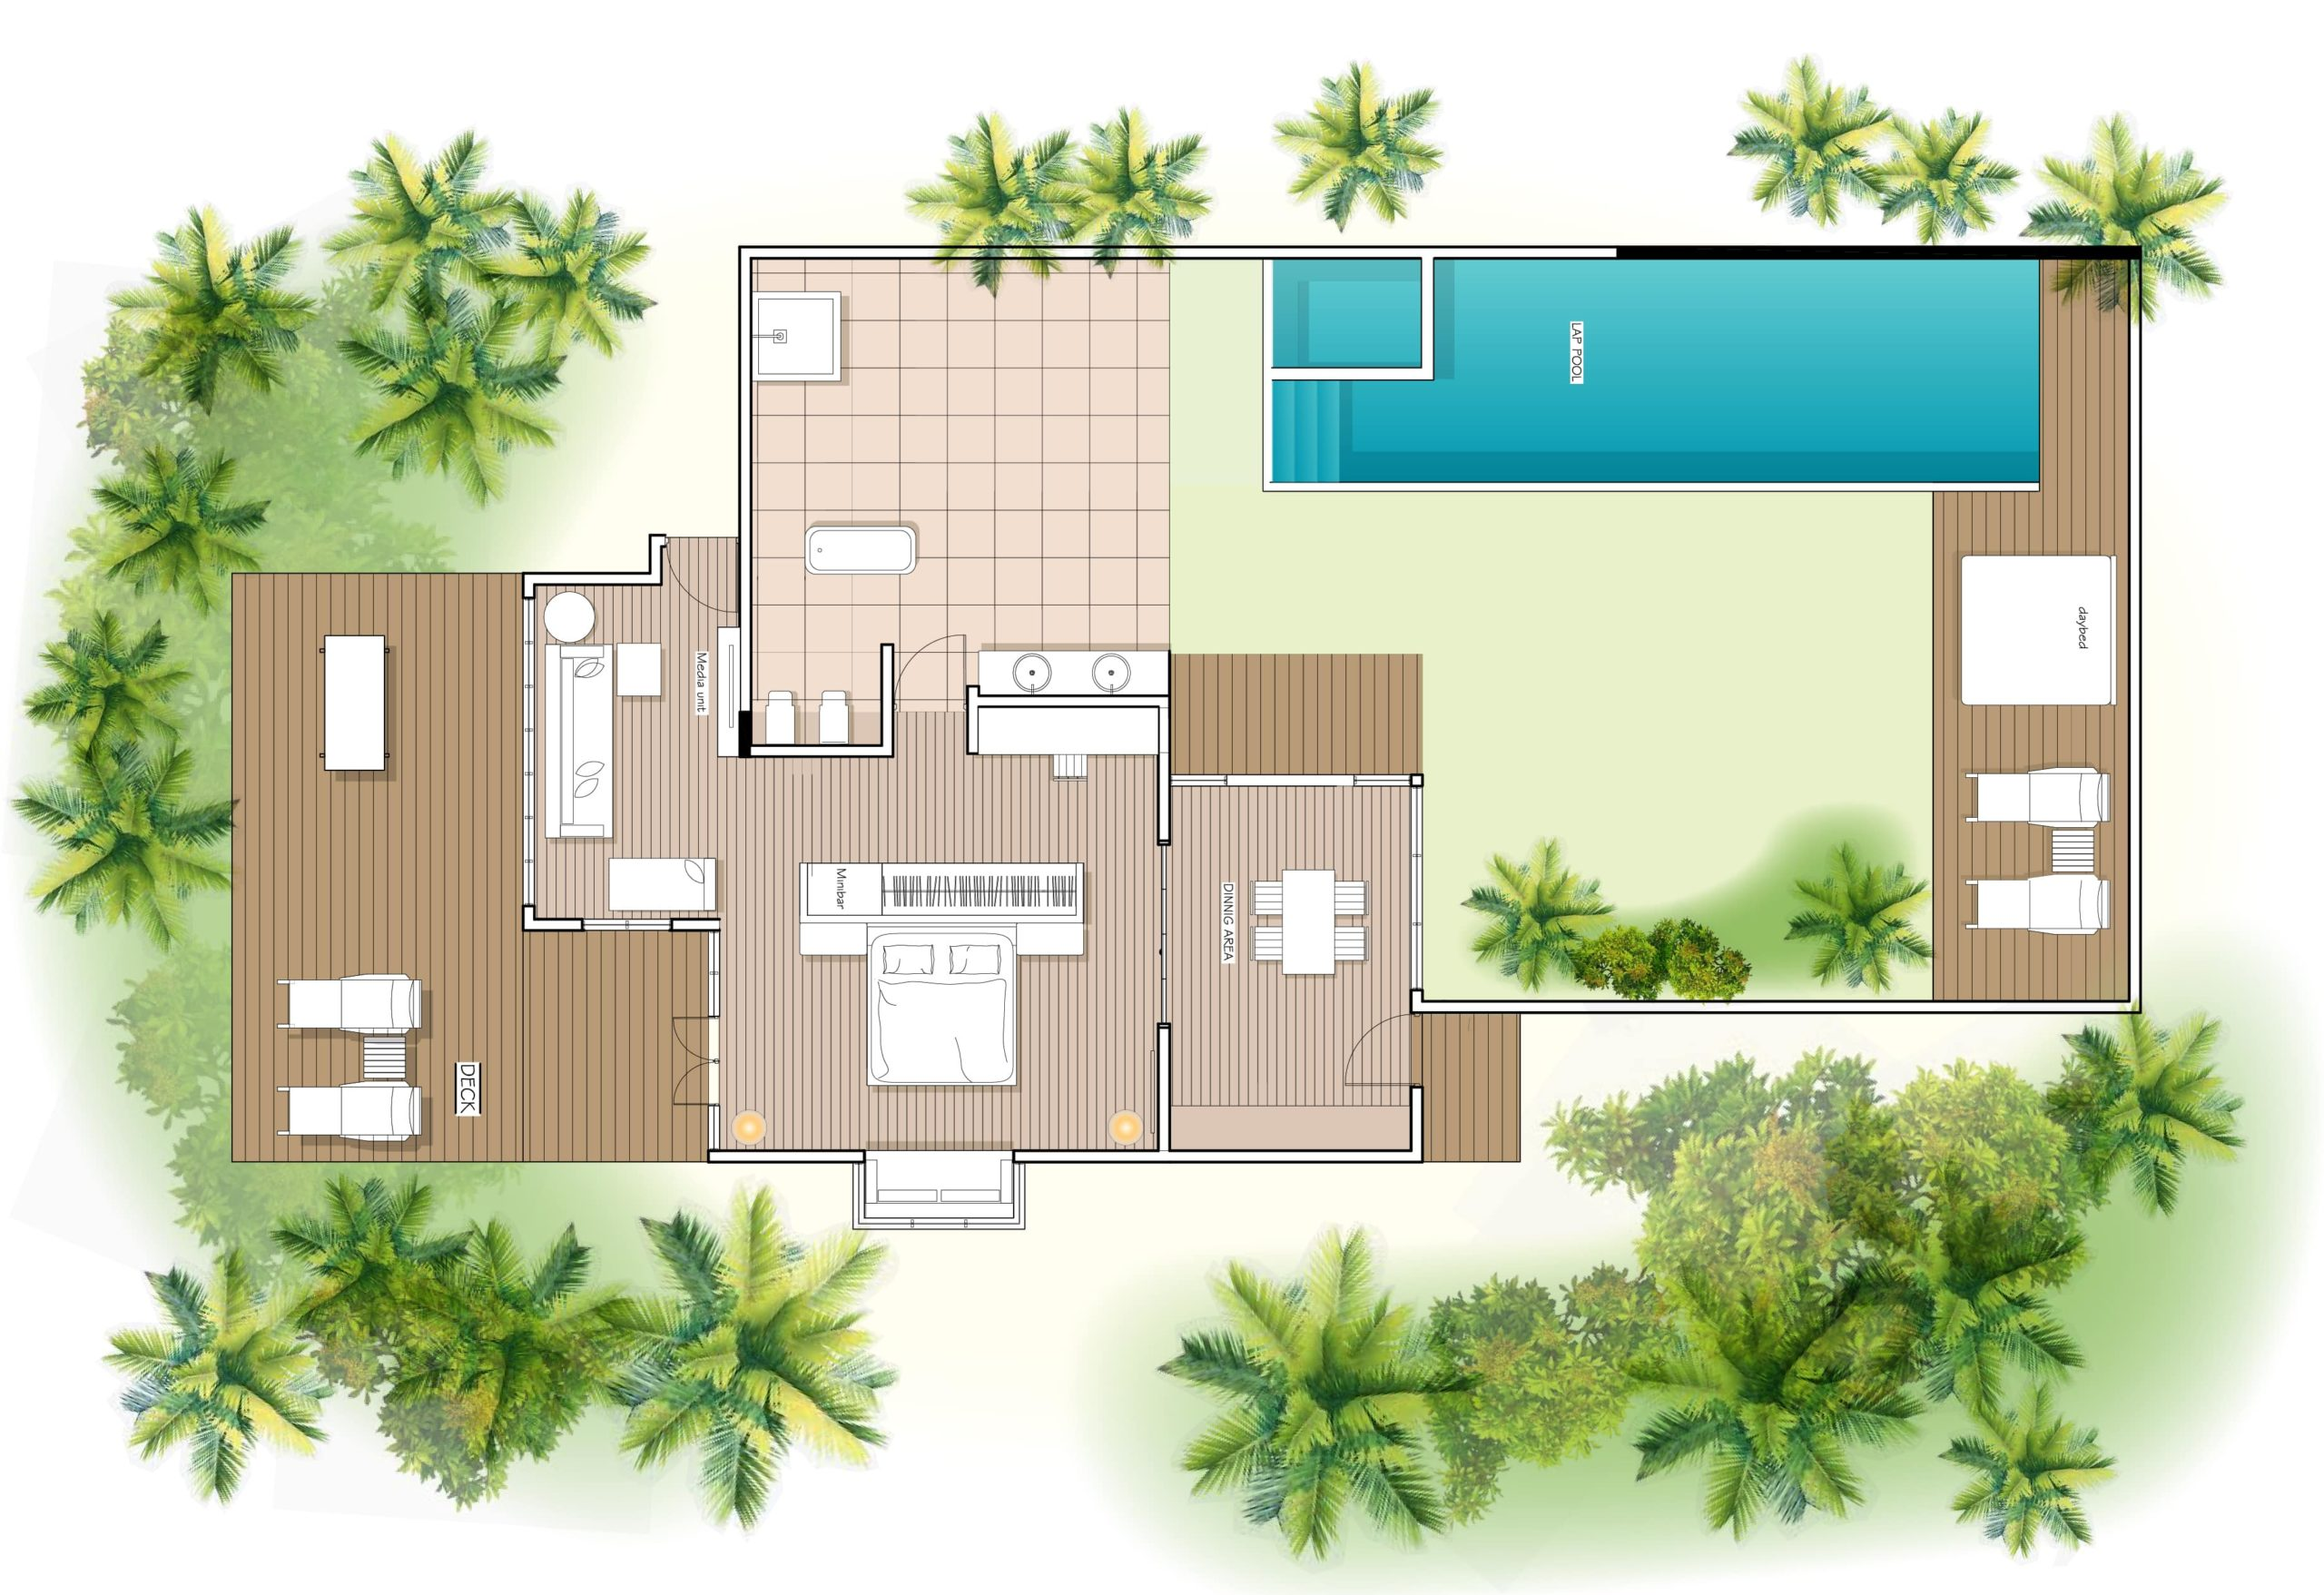 Мальдивы, отель Kuramathi Maldives, план-схема номера Honeymoon Pool Villa